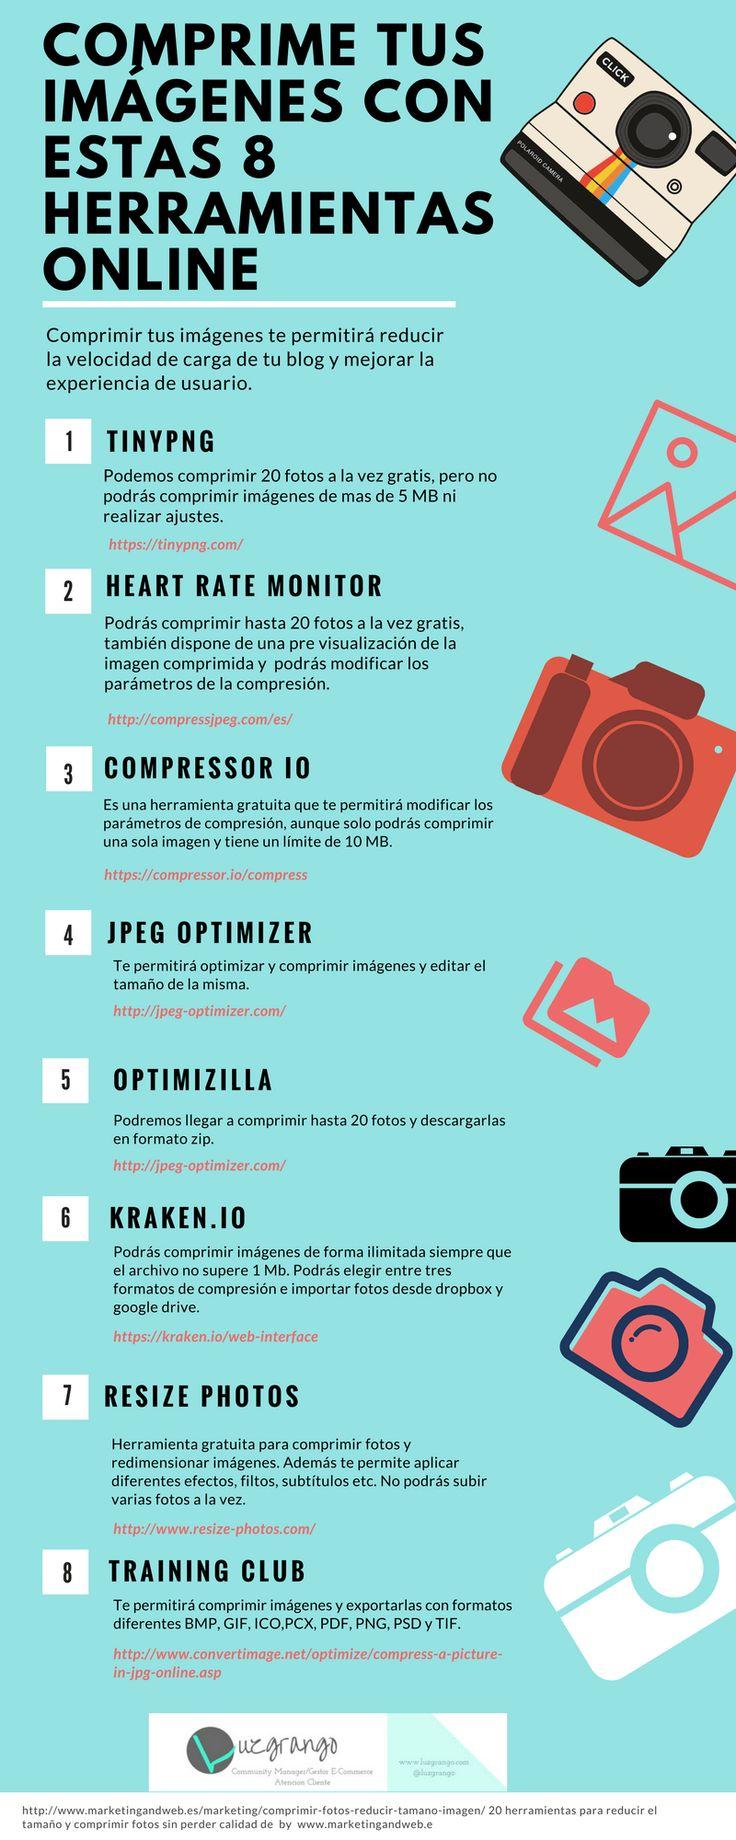 8 herramientas online para comprimir imágenes #infografia